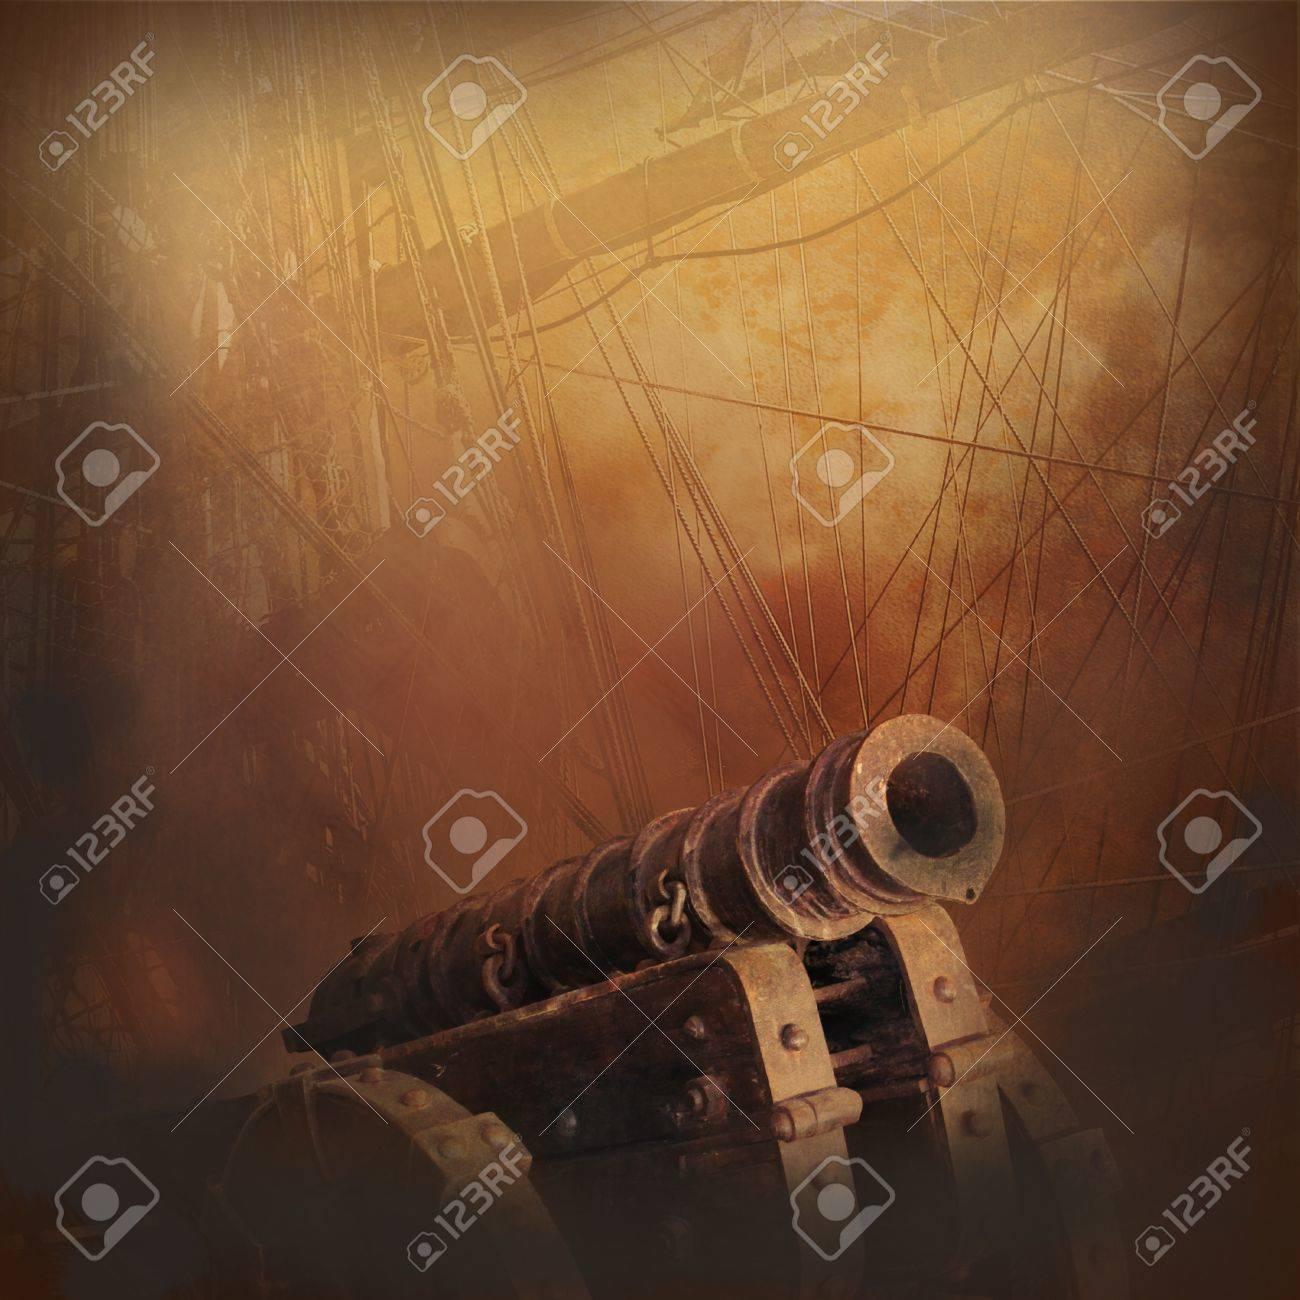 銃 煙 炎 古いセーリング船 冒険 壁紙のフォームでの探査 の写真